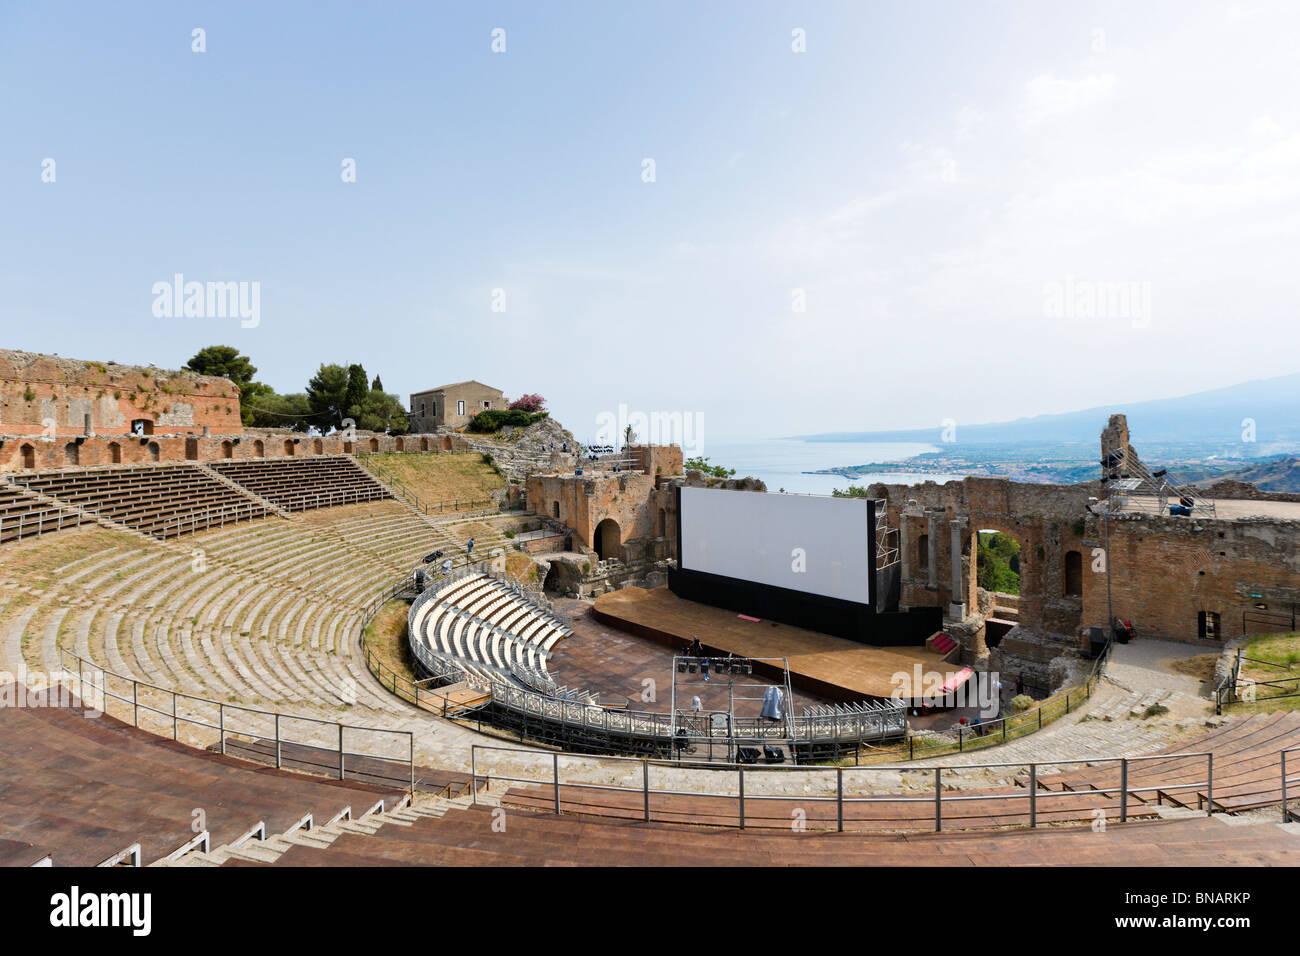 Das griechische Theater (Teatro Greco) einrichten für das FilmFest Filmfestival im Juni 2010, Taormina, Sizilien, Stockbild